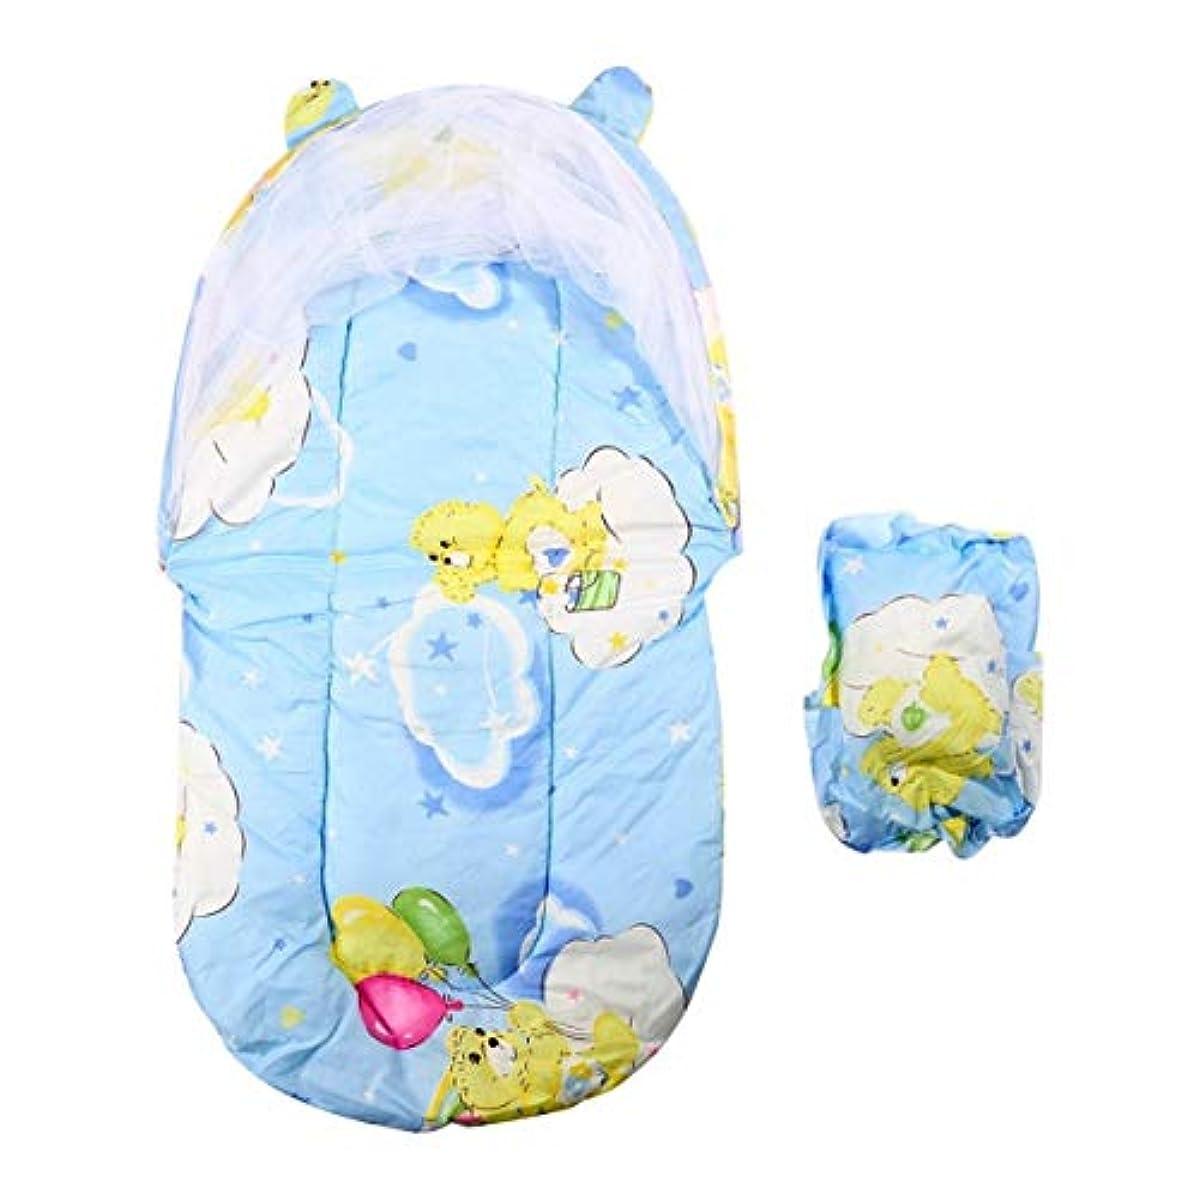 驚いたことに害私たちSaikogoods 折り畳み式の新しい赤ん坊の綿パッド入りマットレス幼児枕ベッド蚊帳テントはキッズベビーベッドアクセサリーハングドームフロアスタンド 青